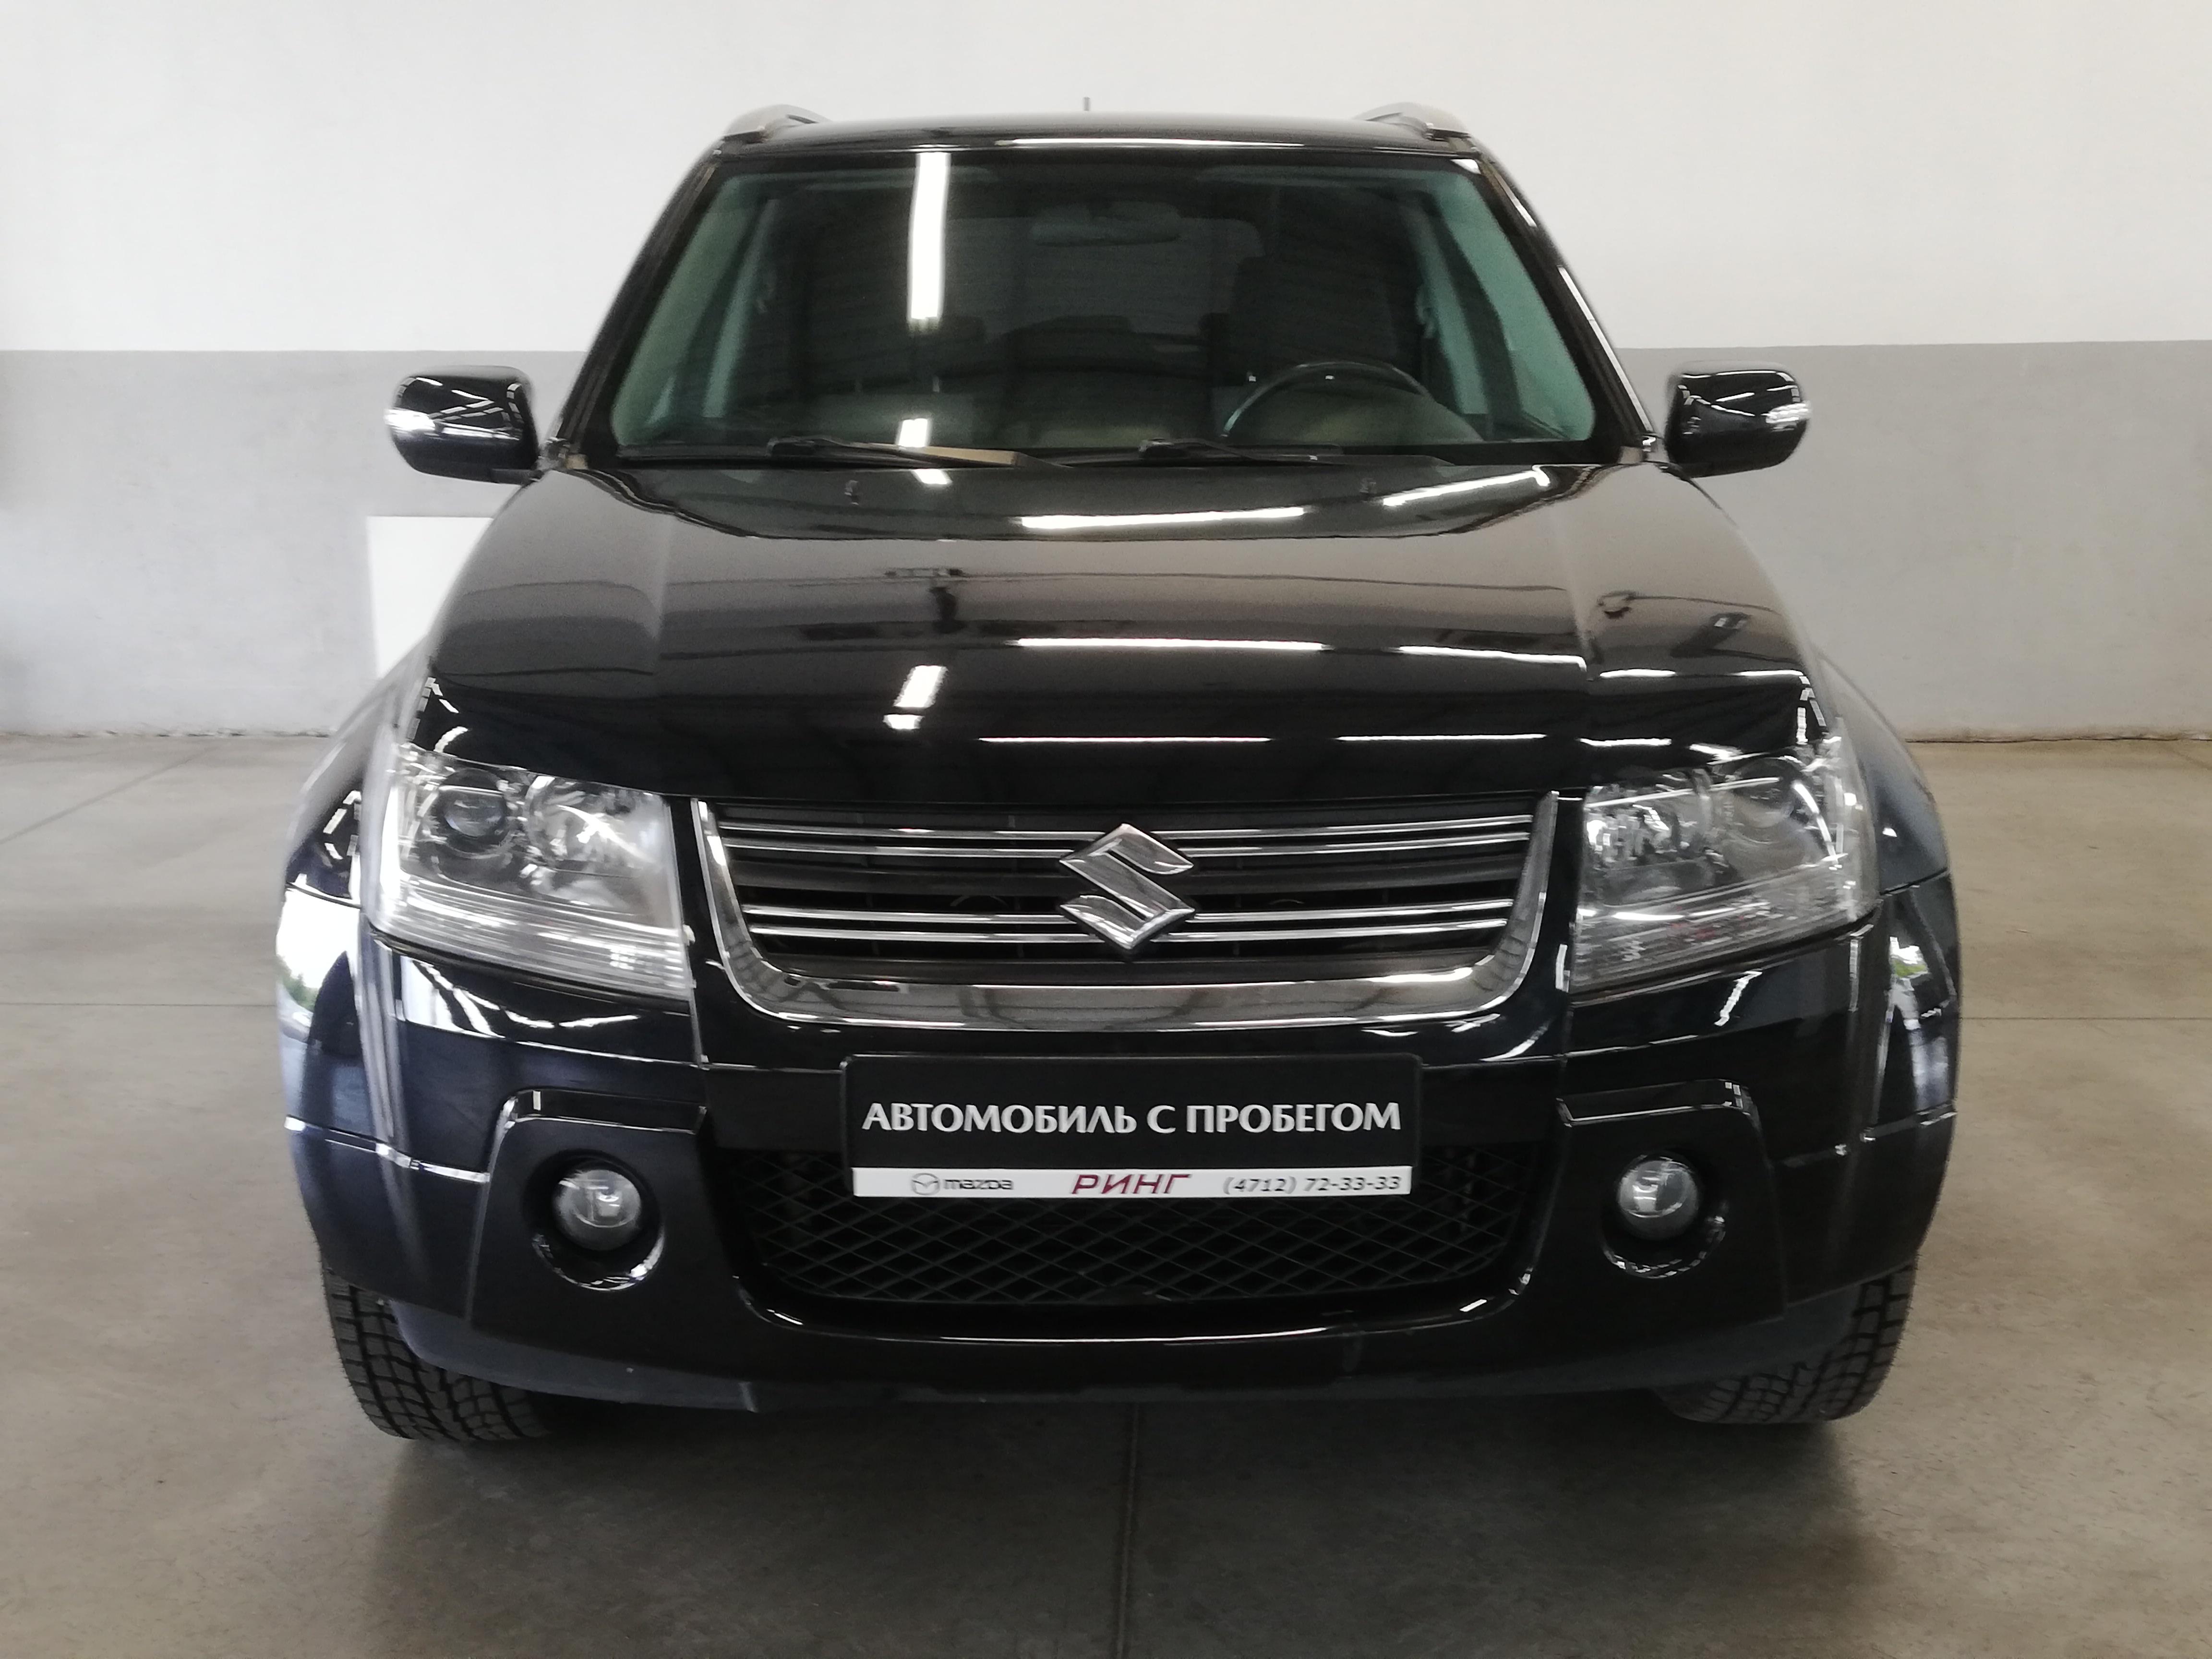 Suzuki Grand Vitara Внедорожник (2011г.)